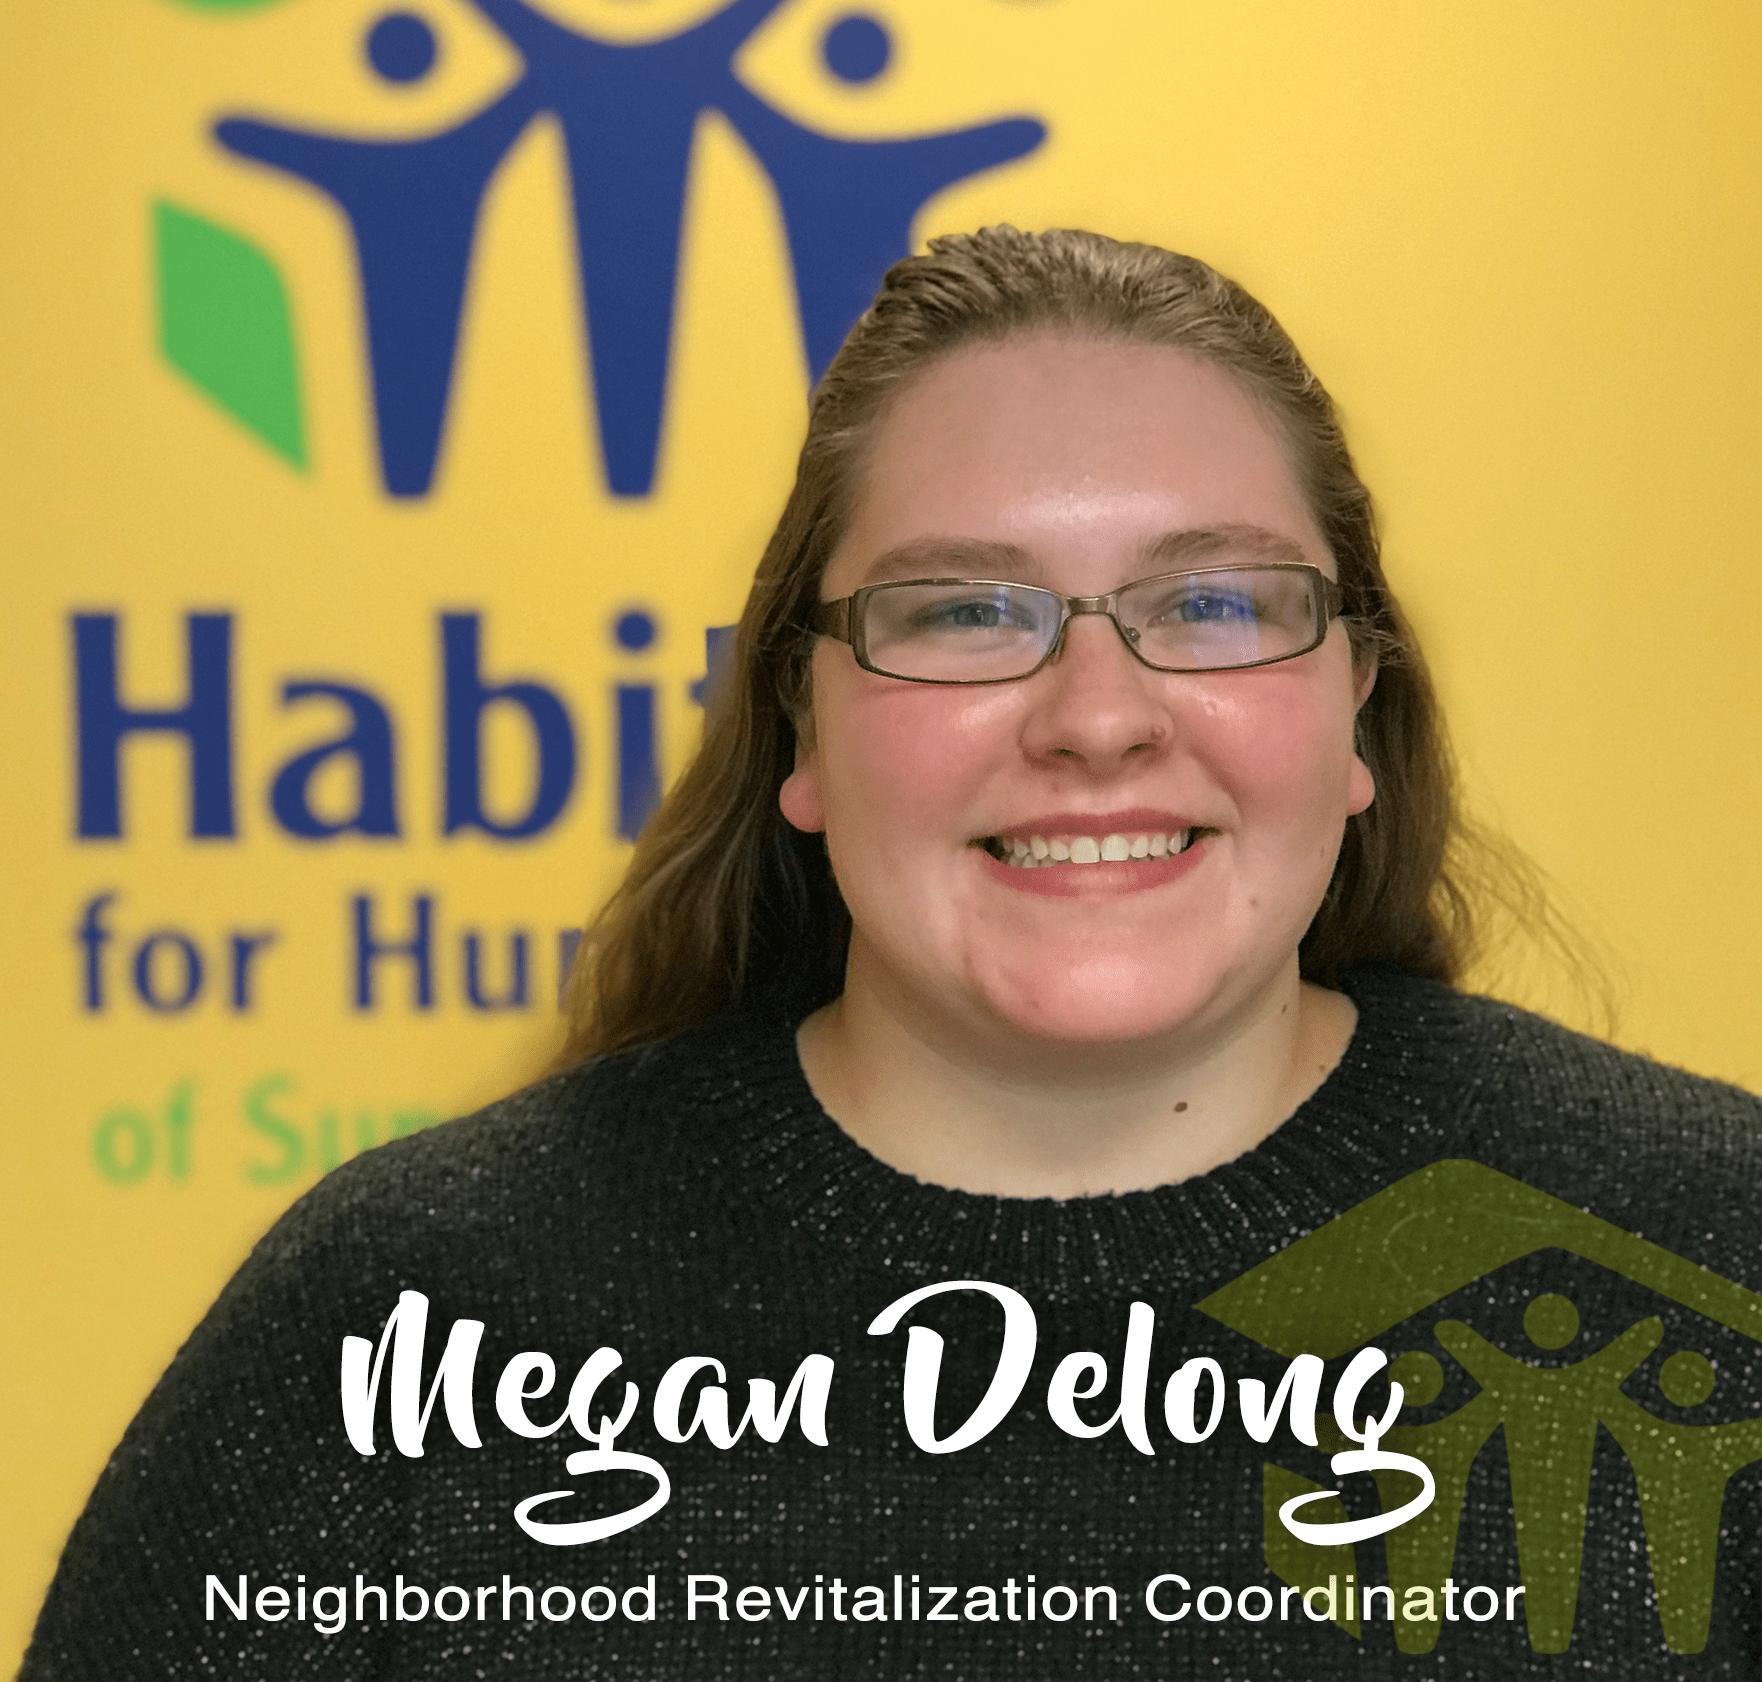 Megan Delong